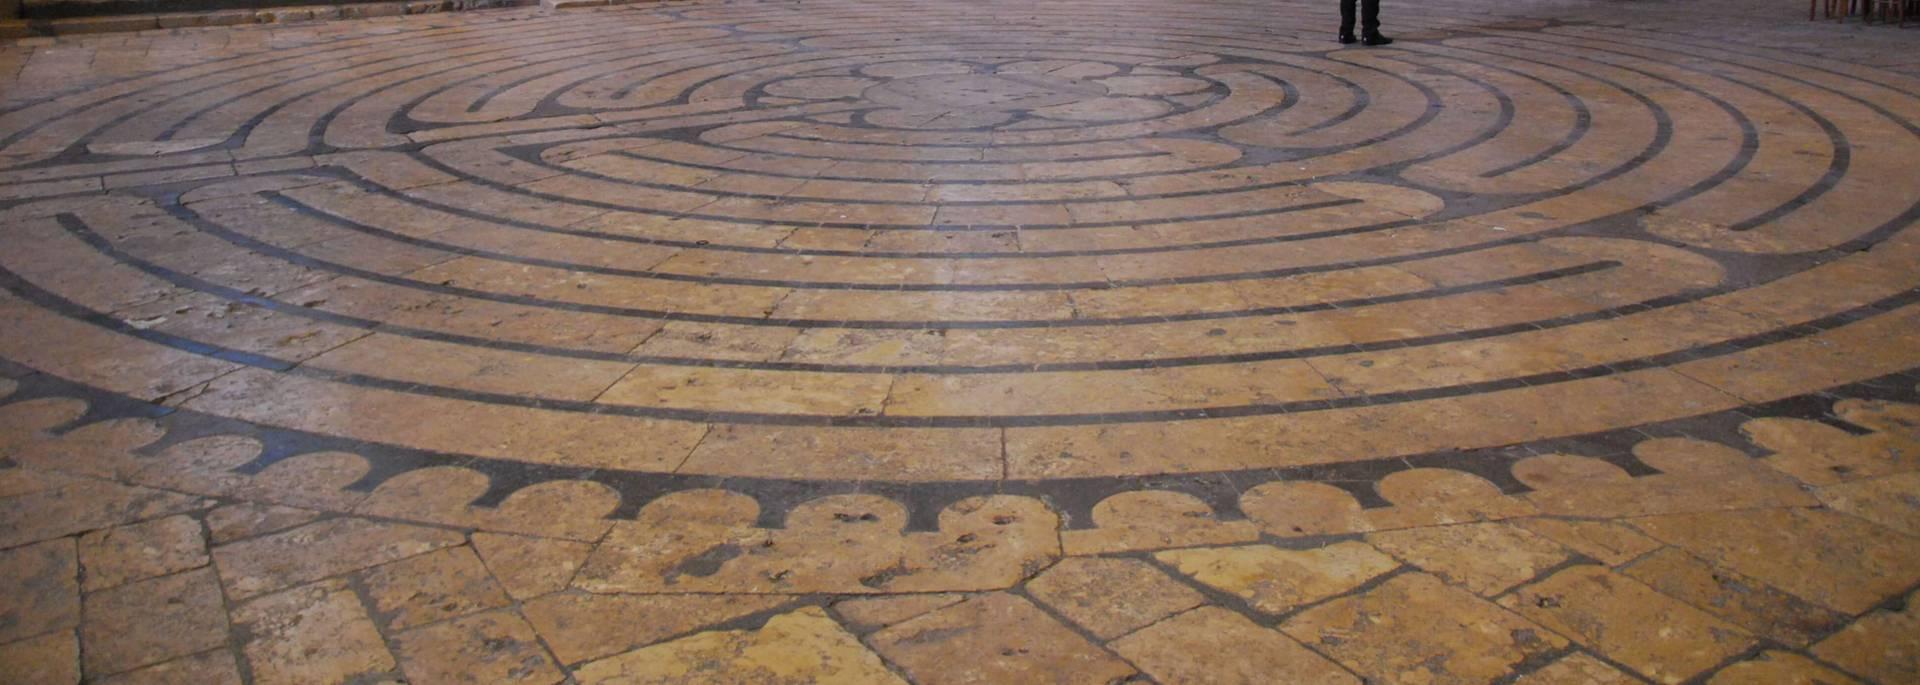 © Rectorat de la cathédrale de Chartres